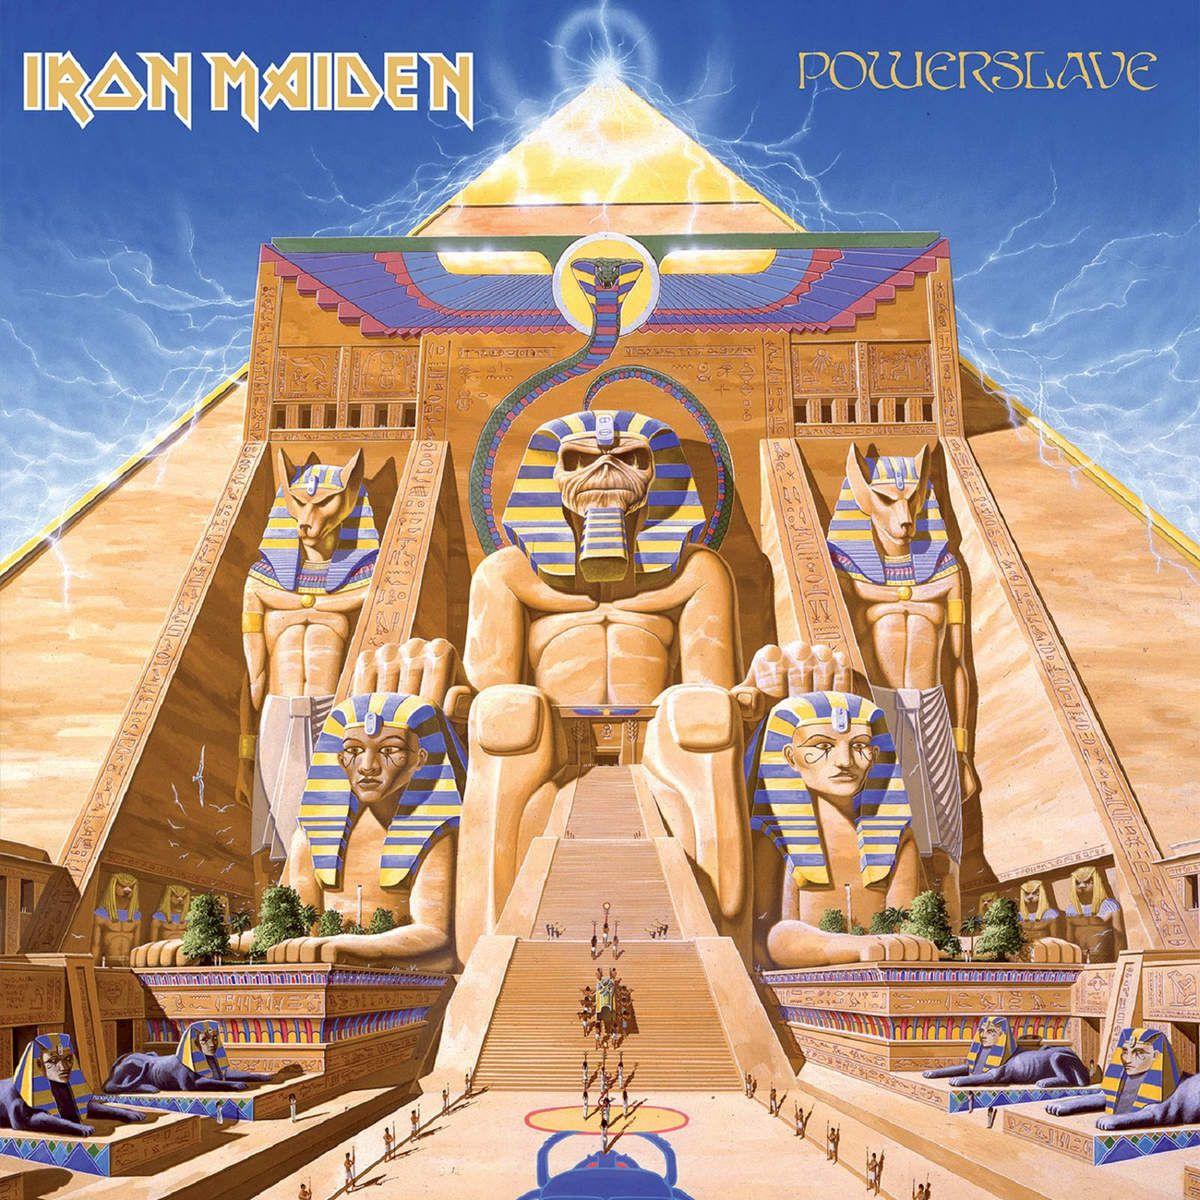 Iron Maiden's Powerslave album cover